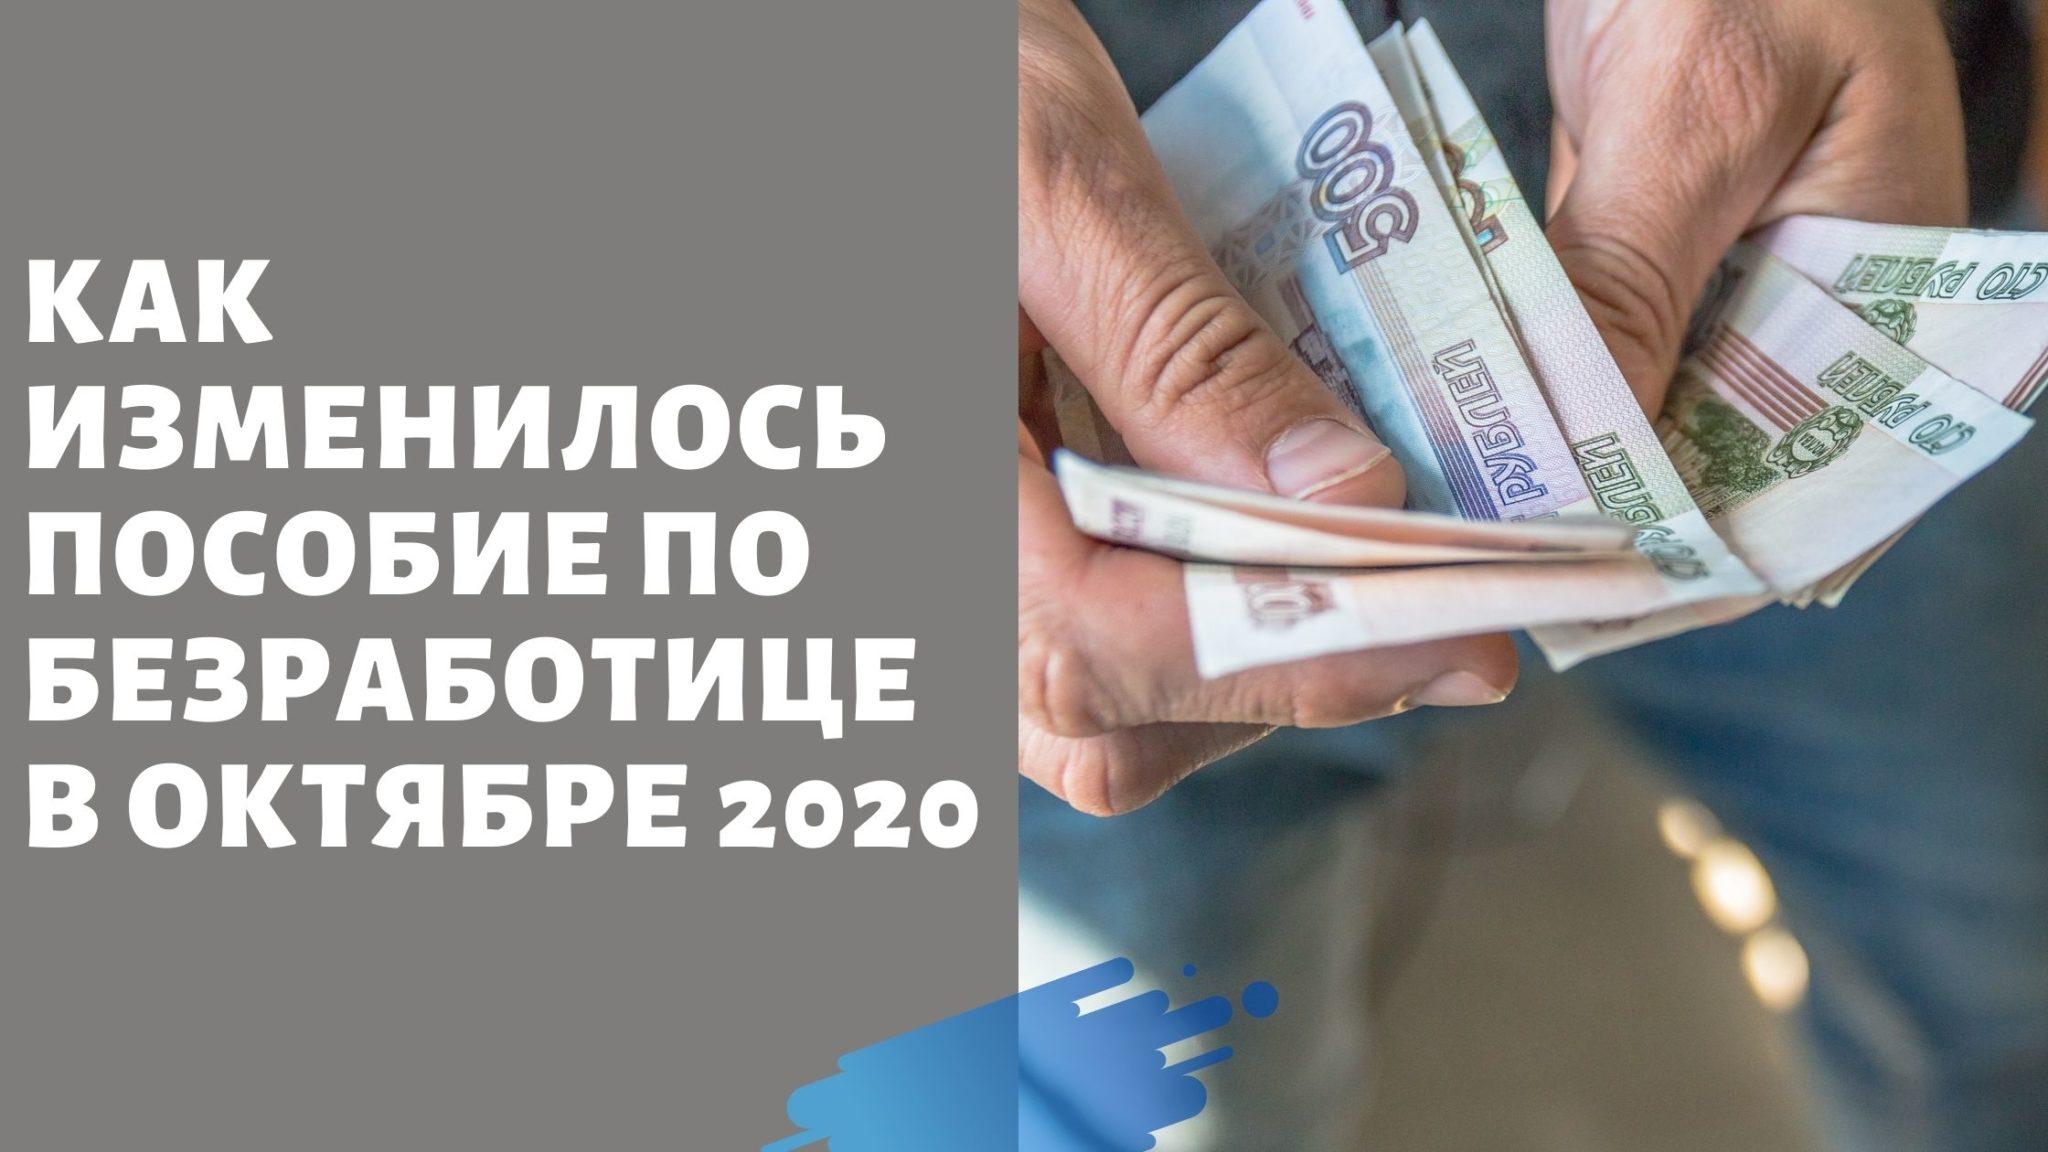 пособие по безработице в октябре 2020